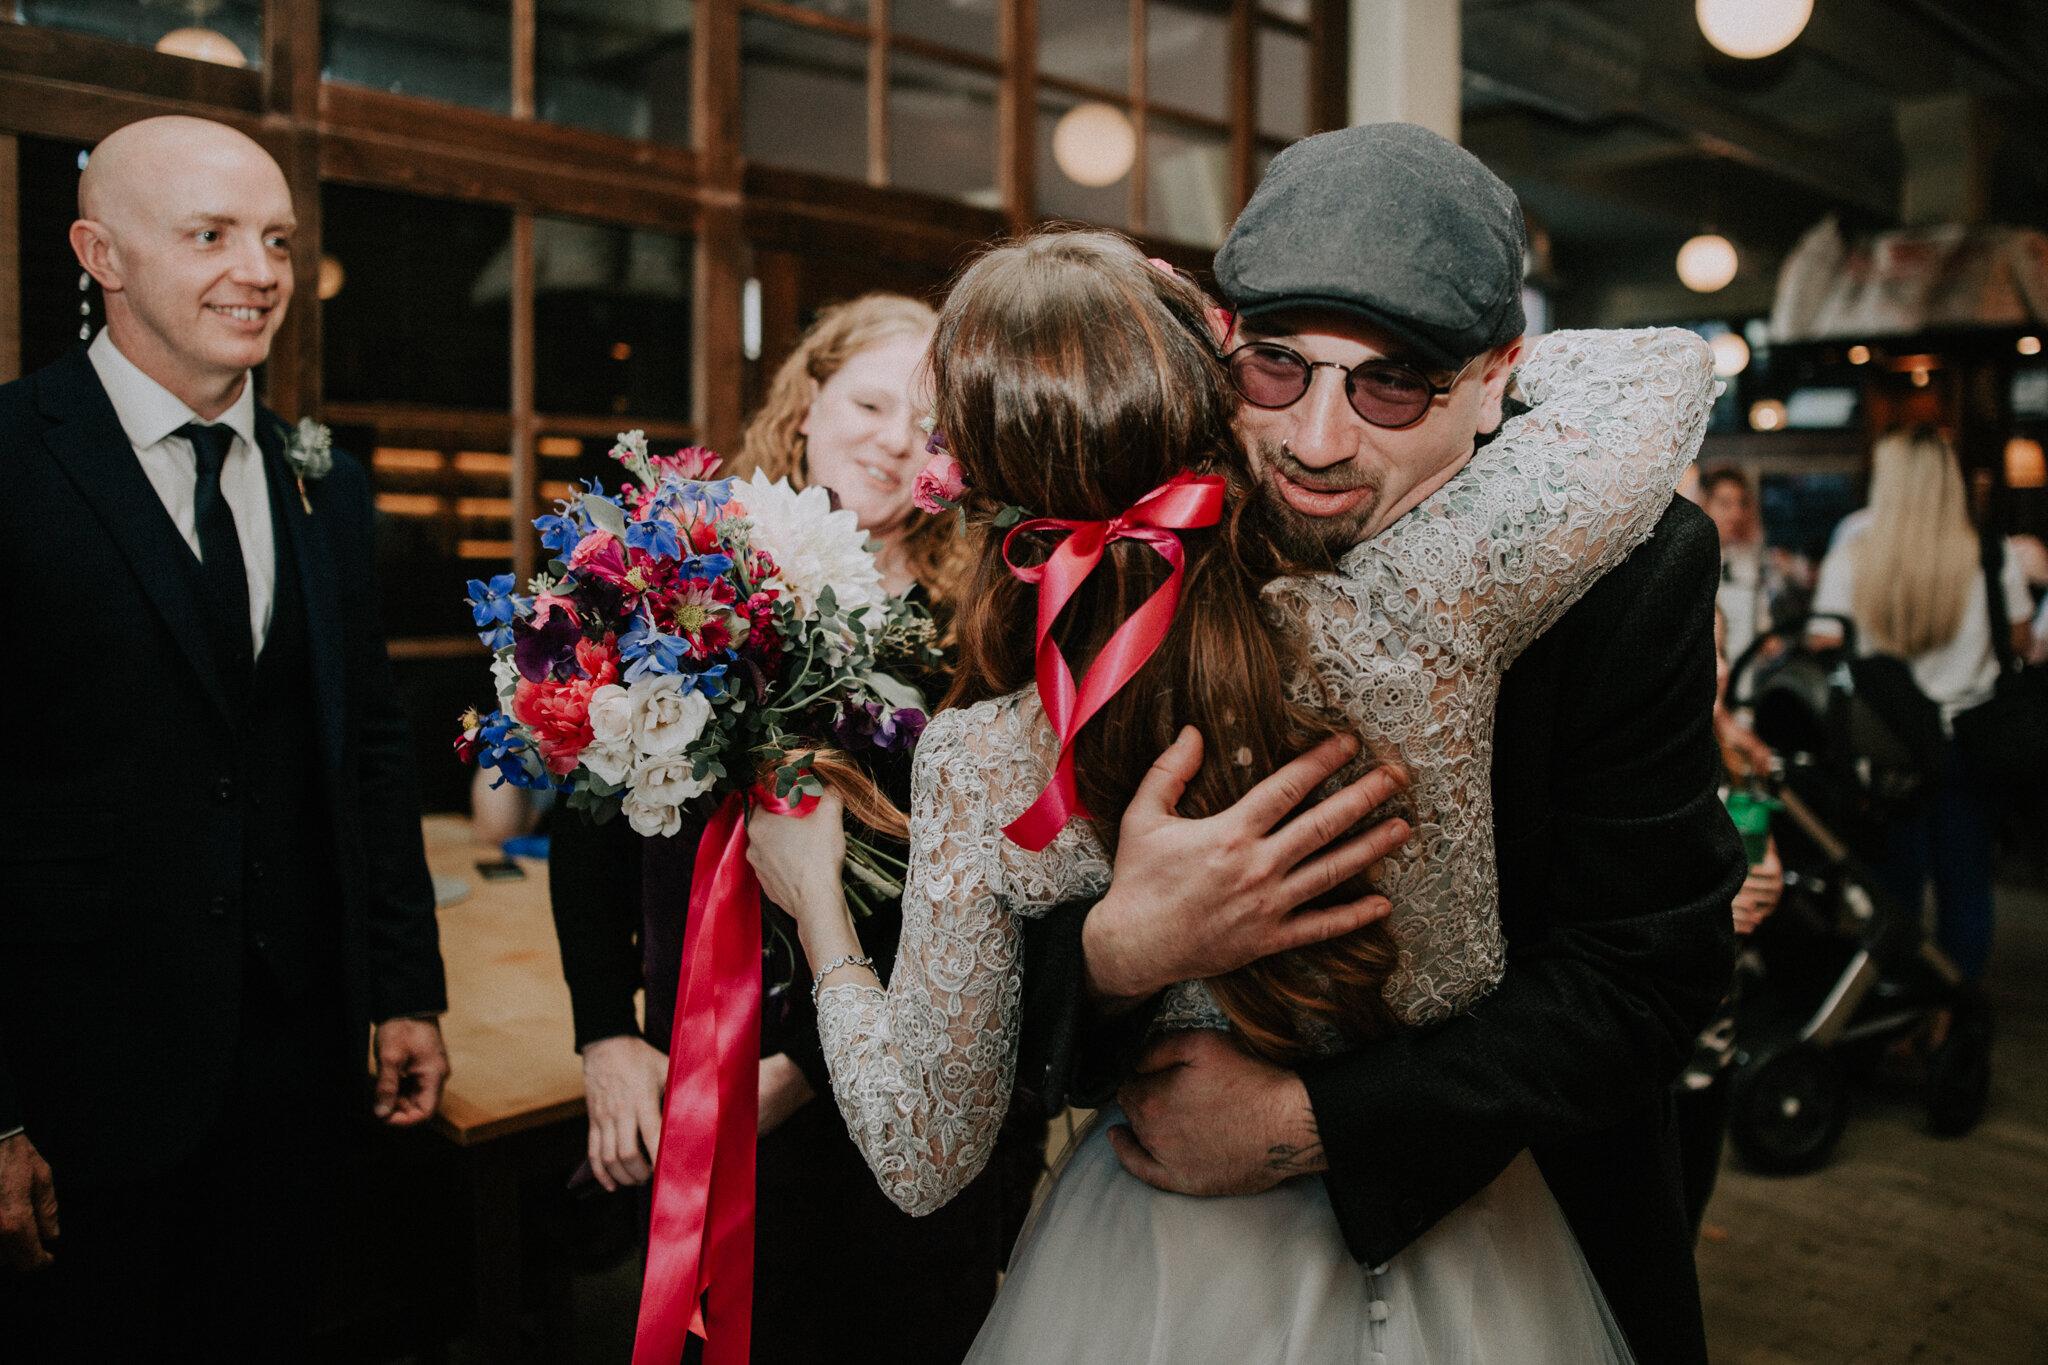 The guest congratulate the bride